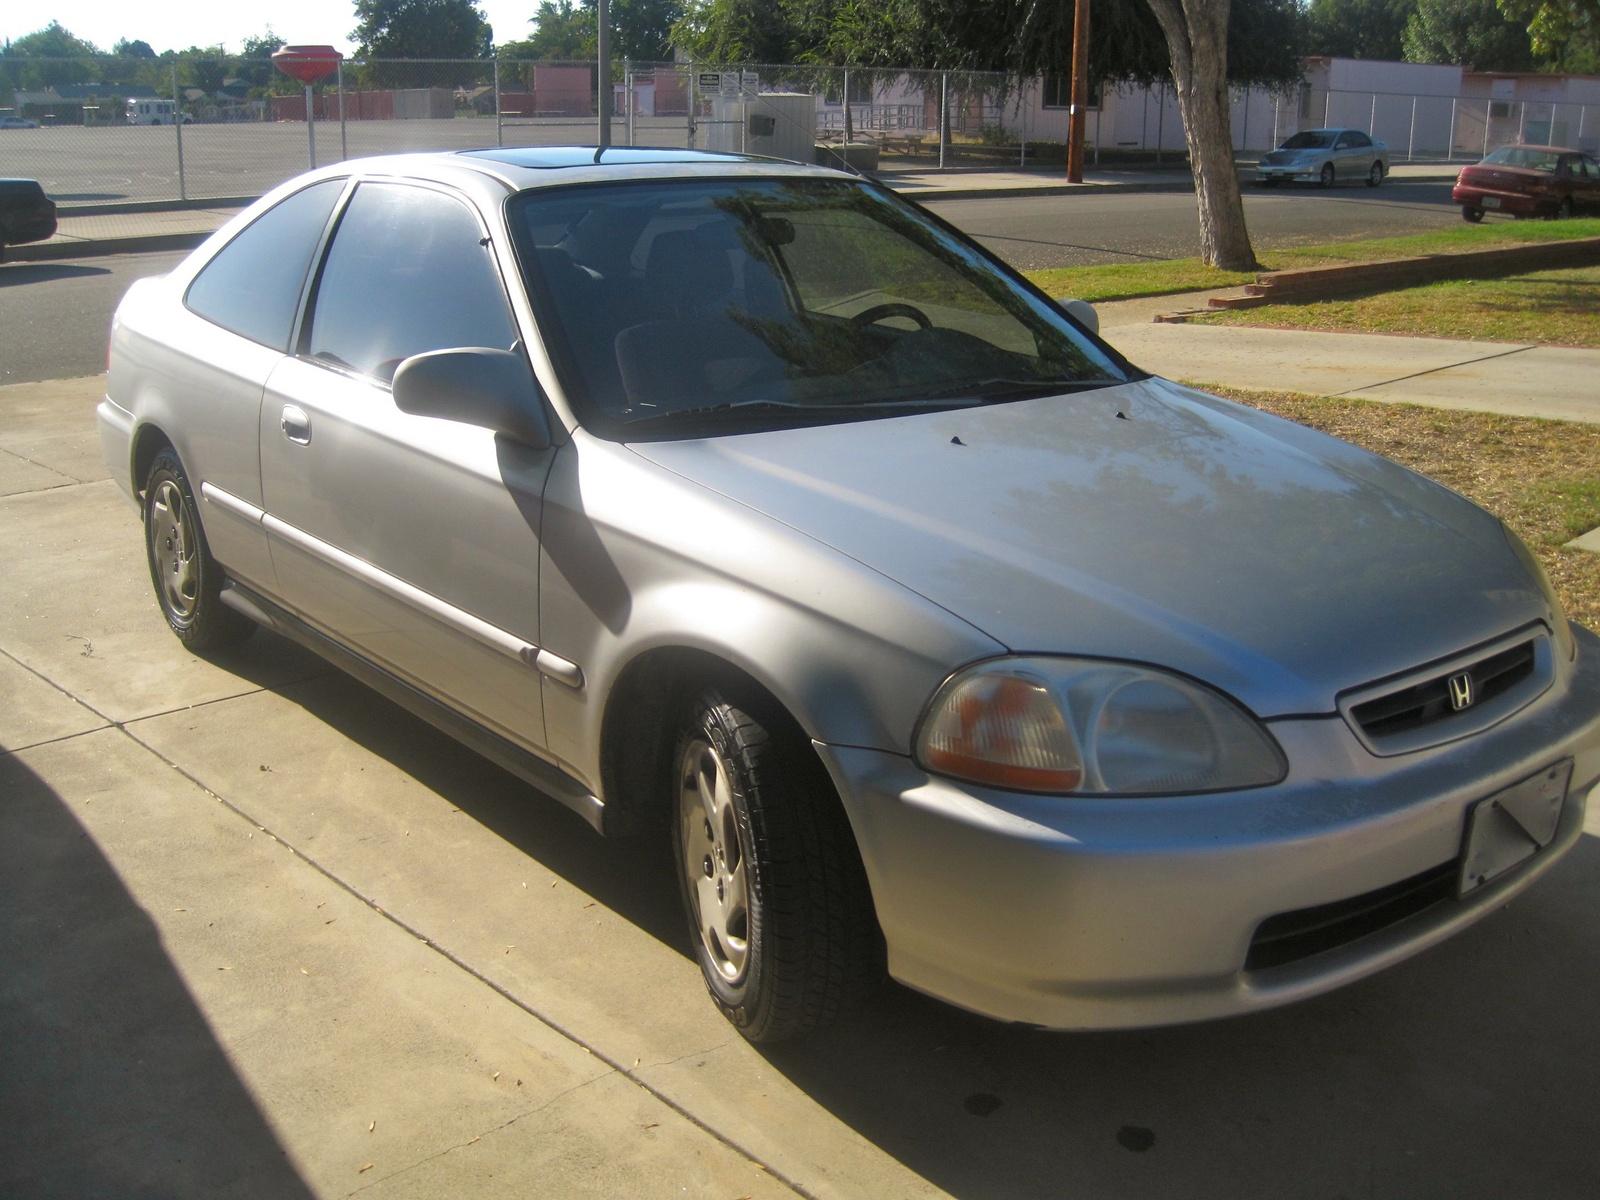 1997 Honda Civic - Exterior Pictures - CarGurus